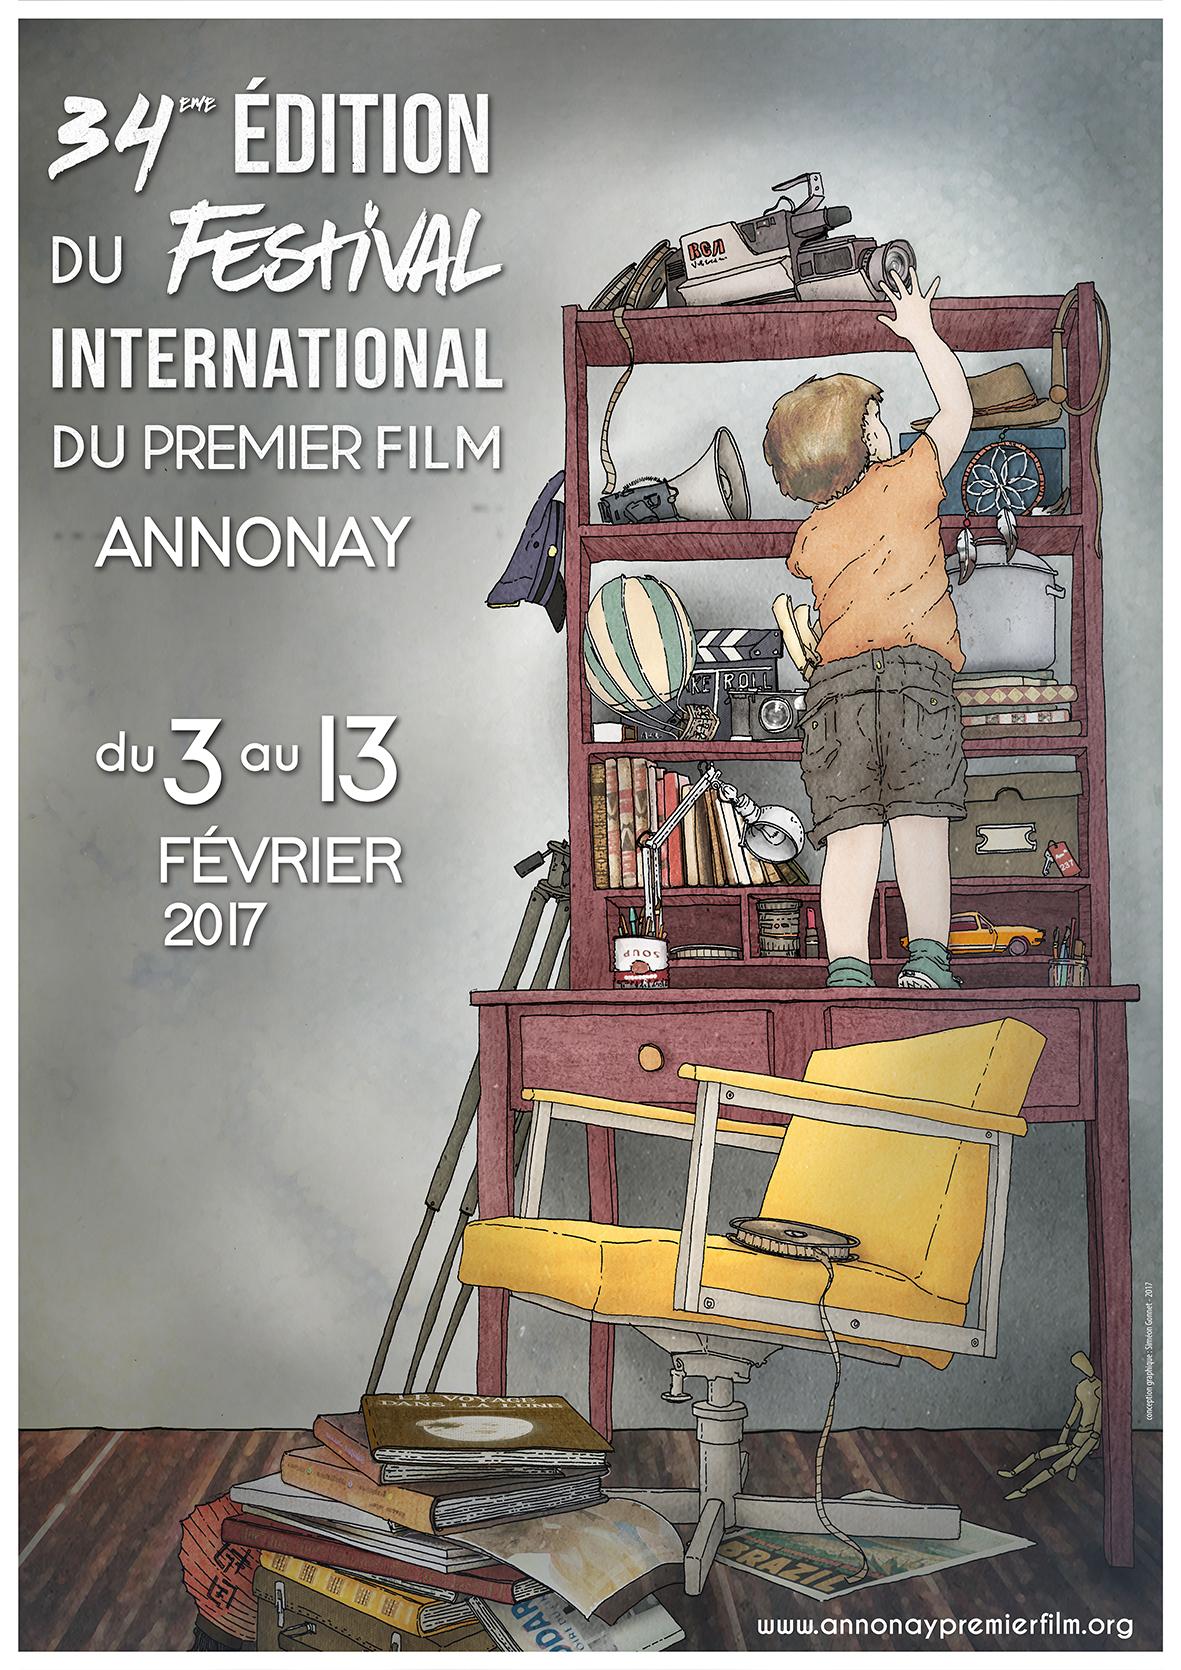 AfficheFC2017-SimeonGonnet.jpg